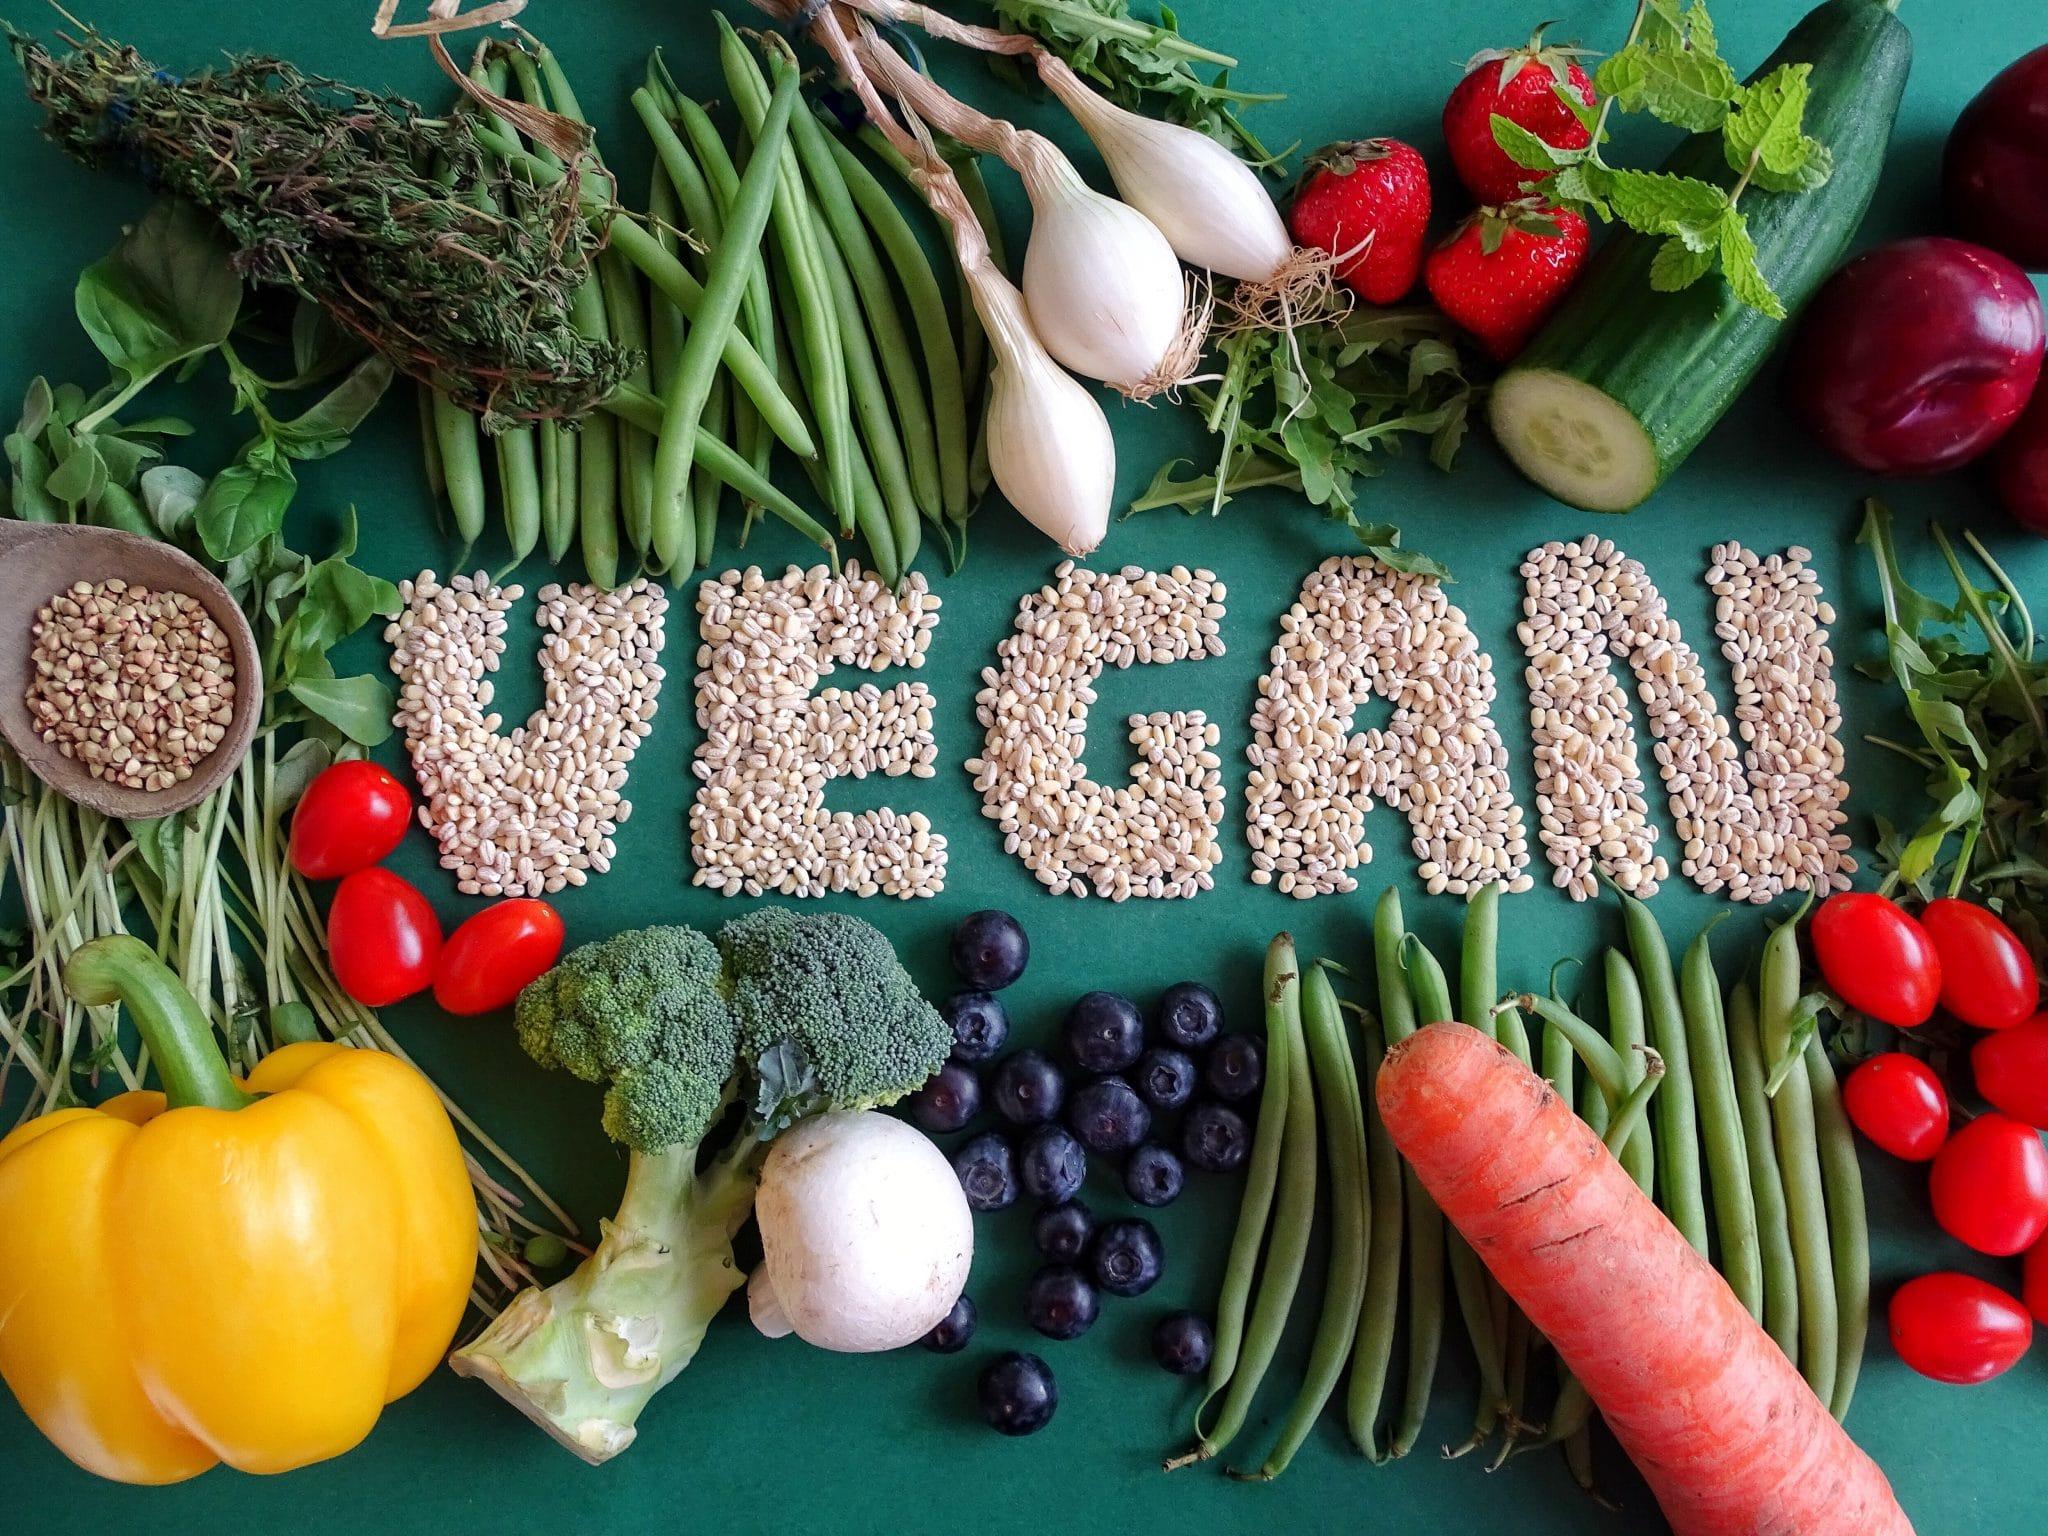 Manger vegan: ça veut dire quoi?